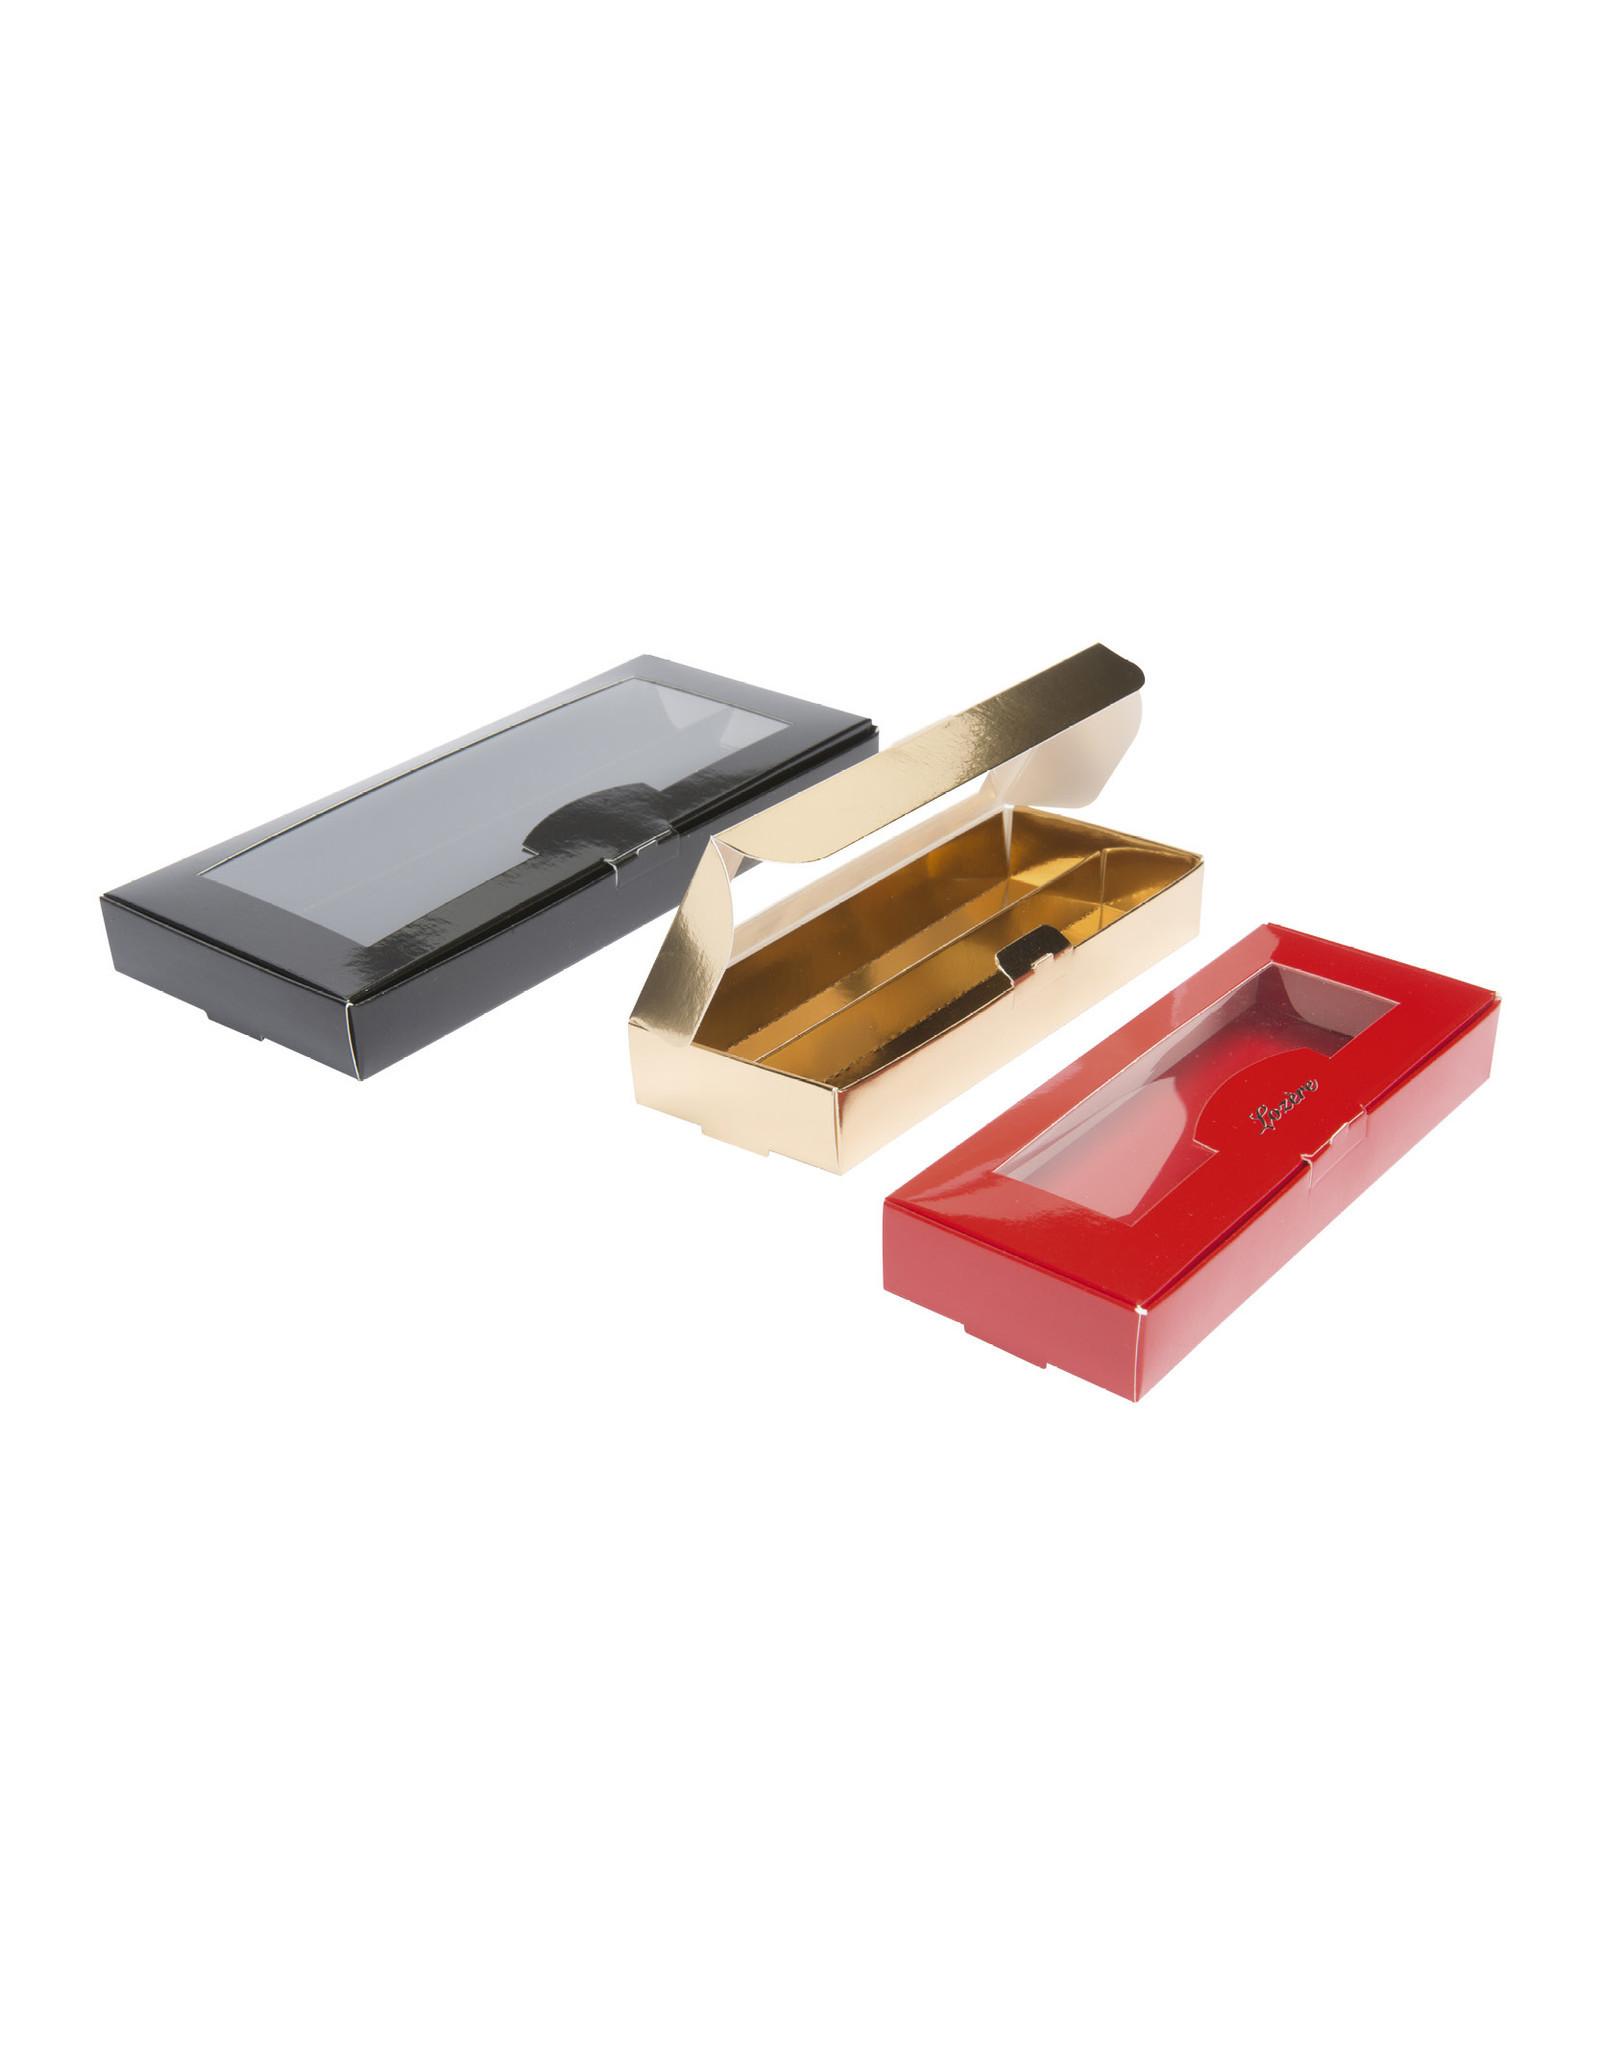 Parallel Box 15,8 x 6 x 2,2cm - AVEC séparation